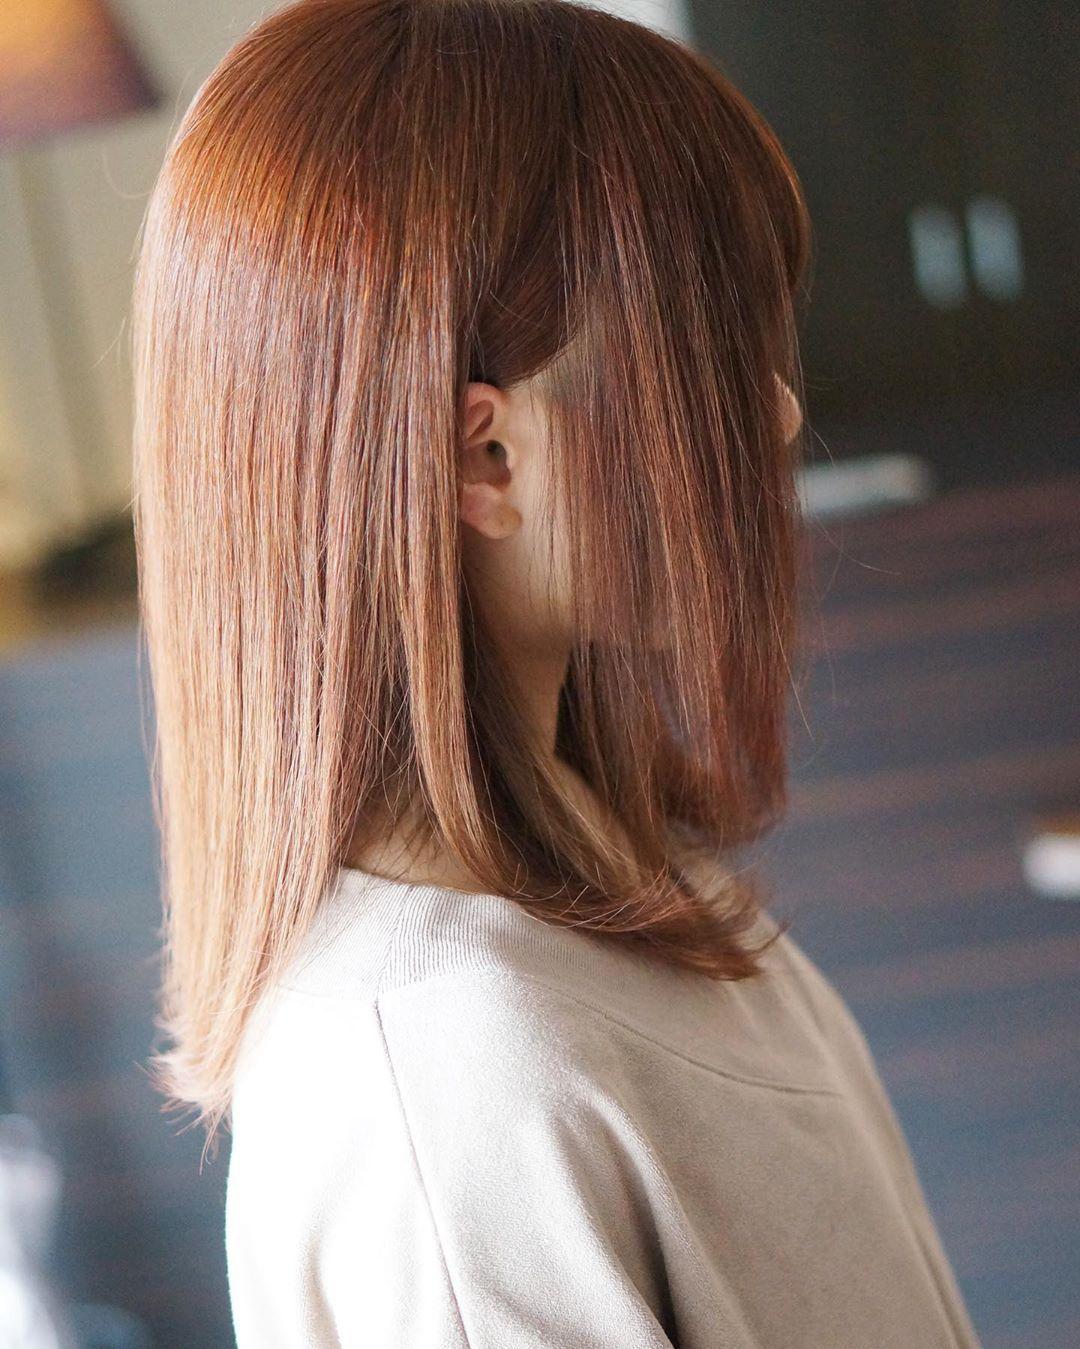 . 暖色系カラーも良いね!! #ヘアカラー #ヘアスタイル #ヘアスタイルミディアム #ミディアムヘア #暖色系カラー #オレンジカラー #haircolor …